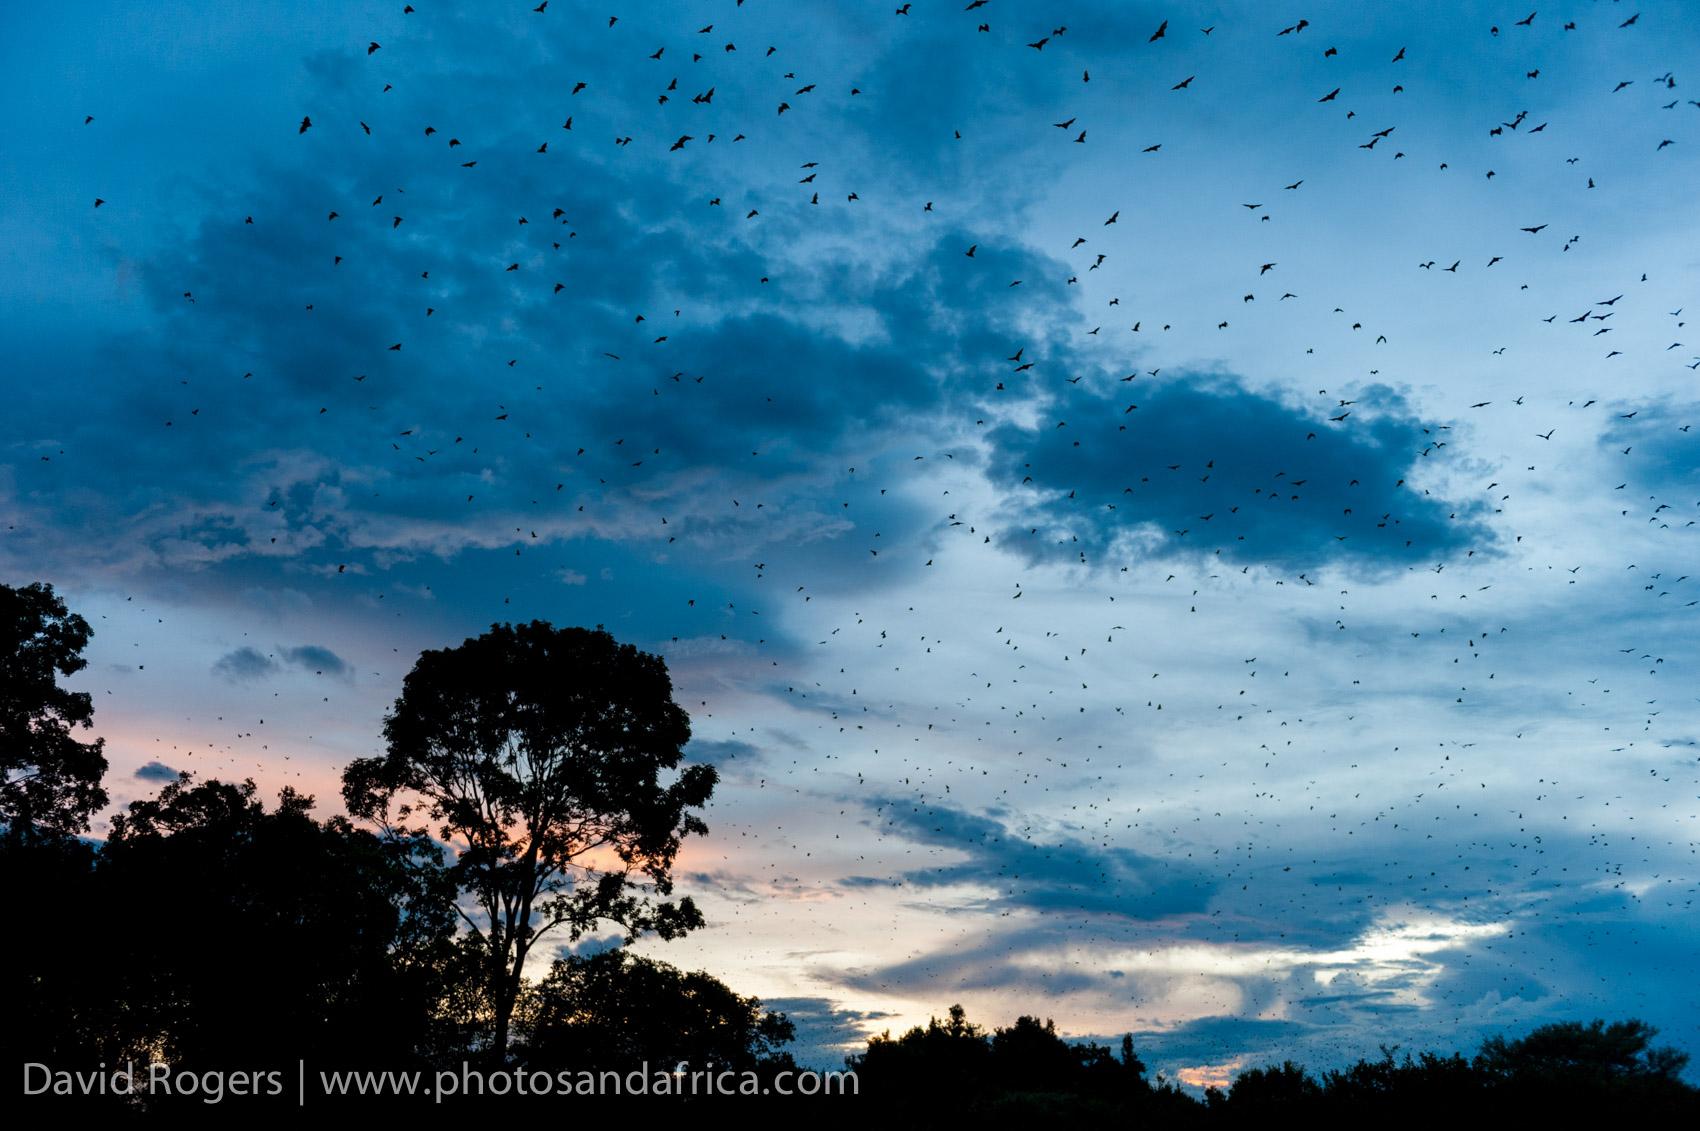 Kasanka Bats, Zambia